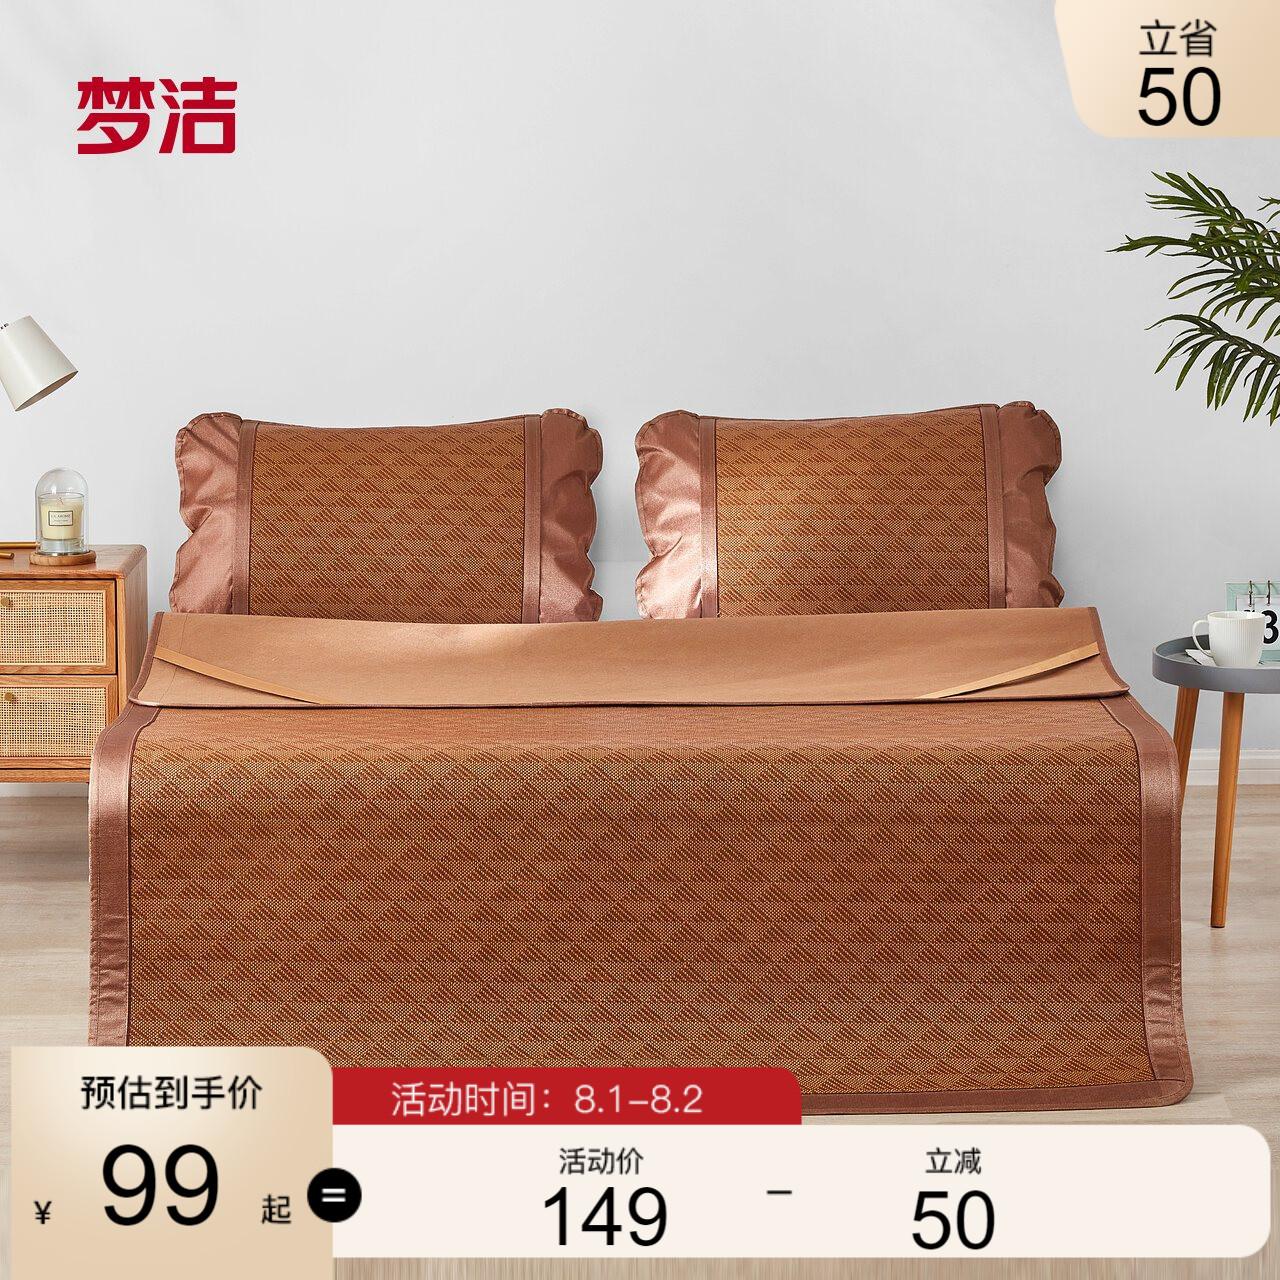 梦洁家纺凉席1.5m可折叠家用三件套夏季席子2021新款藤席夏悠然